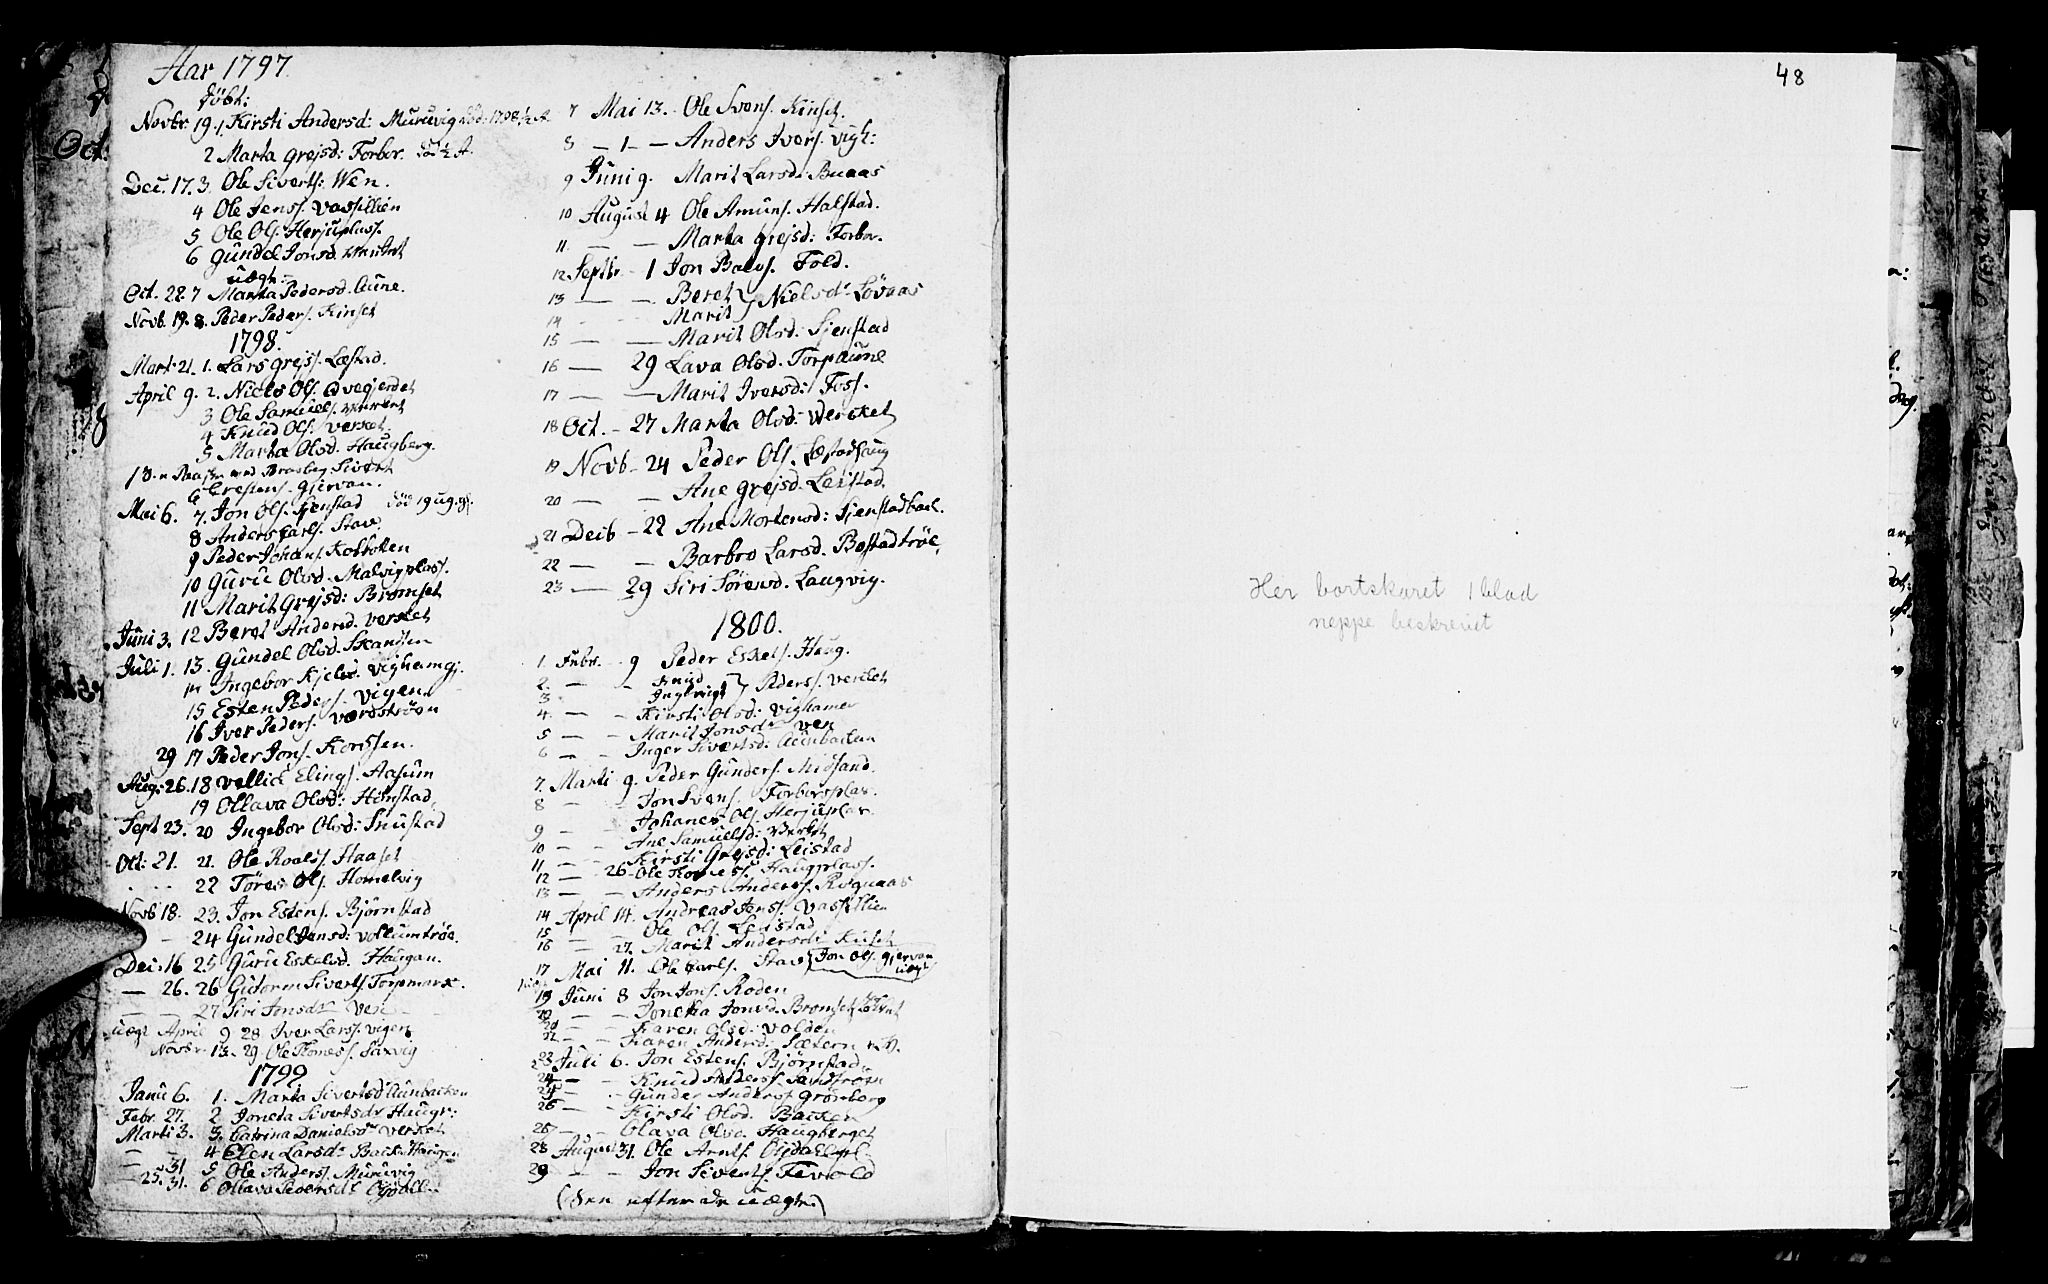 SAT, Ministerialprotokoller, klokkerbøker og fødselsregistre - Sør-Trøndelag, 616/L0419: Klokkerbok nr. 616C02, 1797-1816, s. 48